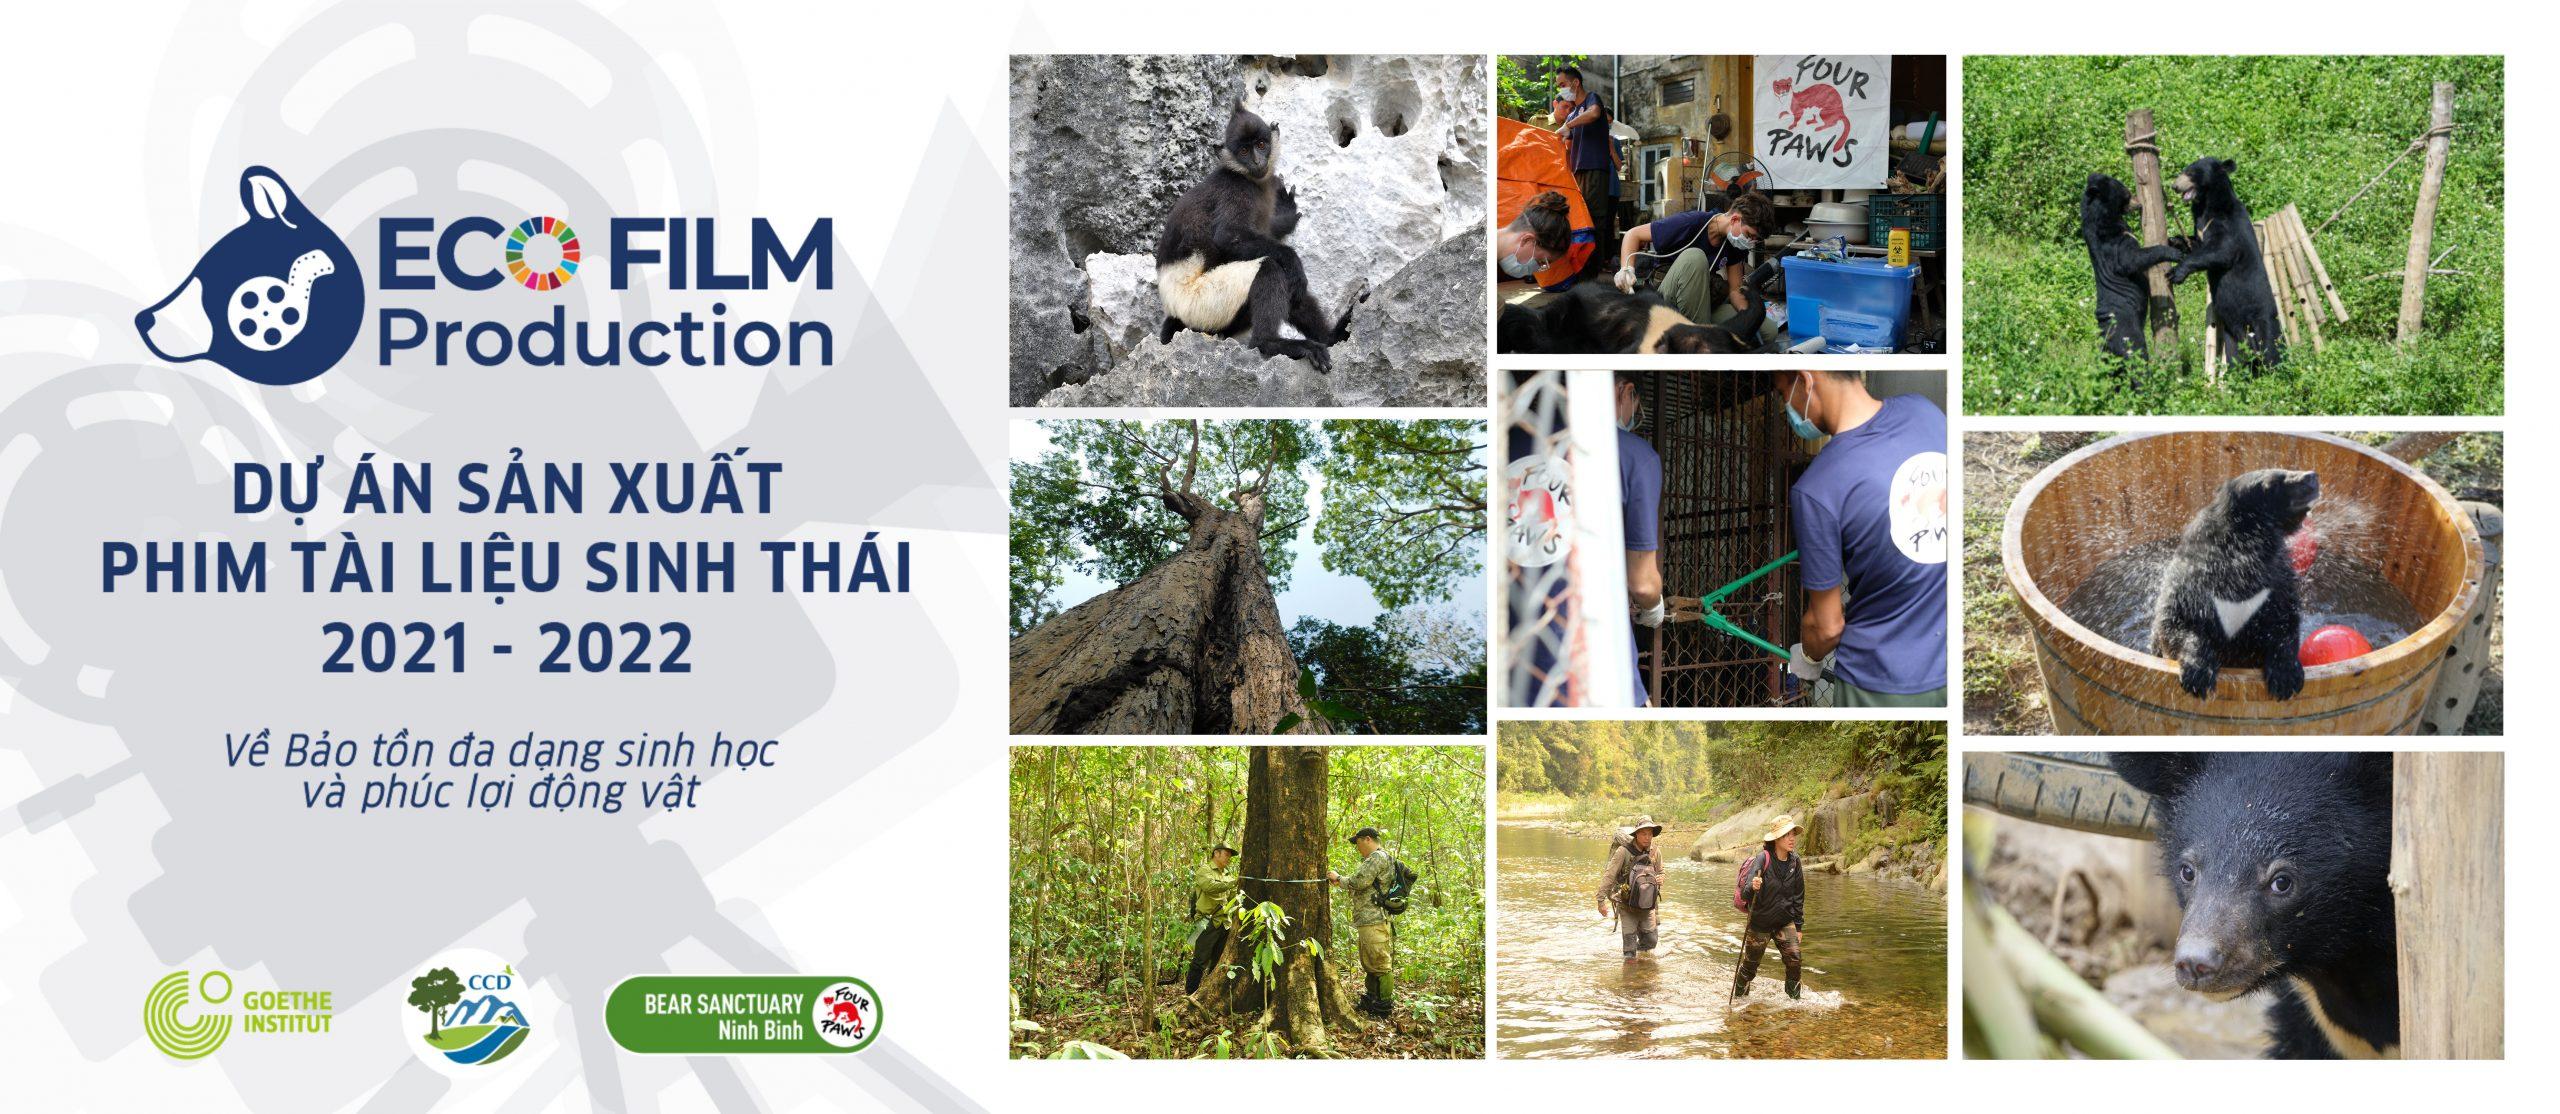 THÔNG BÁO: Mời nhà làm phim tham gia Dự án sản xuất phim tài liệu Sinh thái